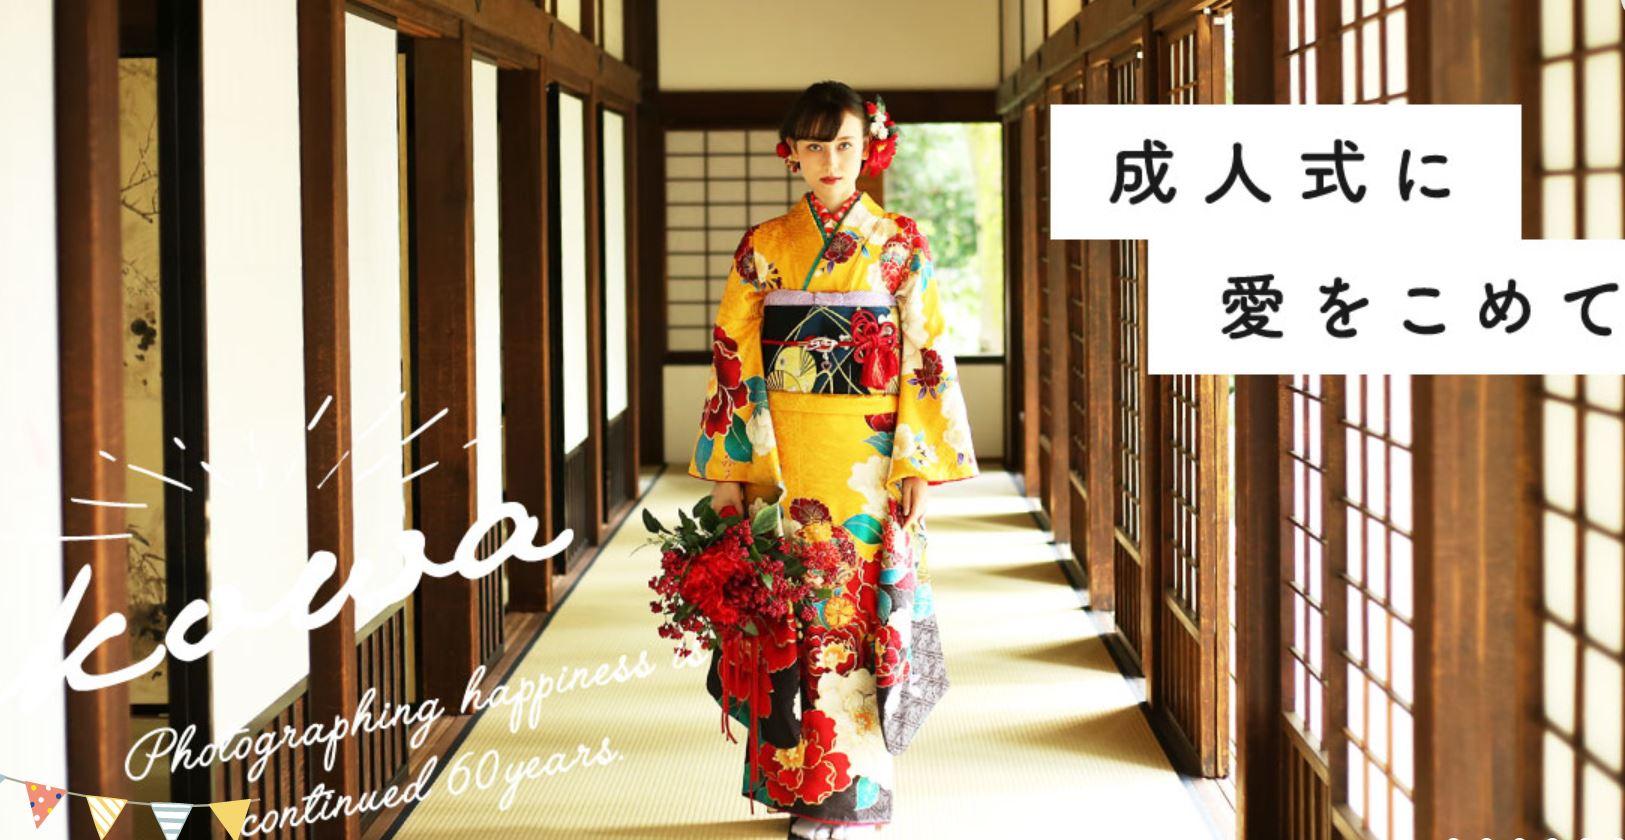 Photo Studio KOWA